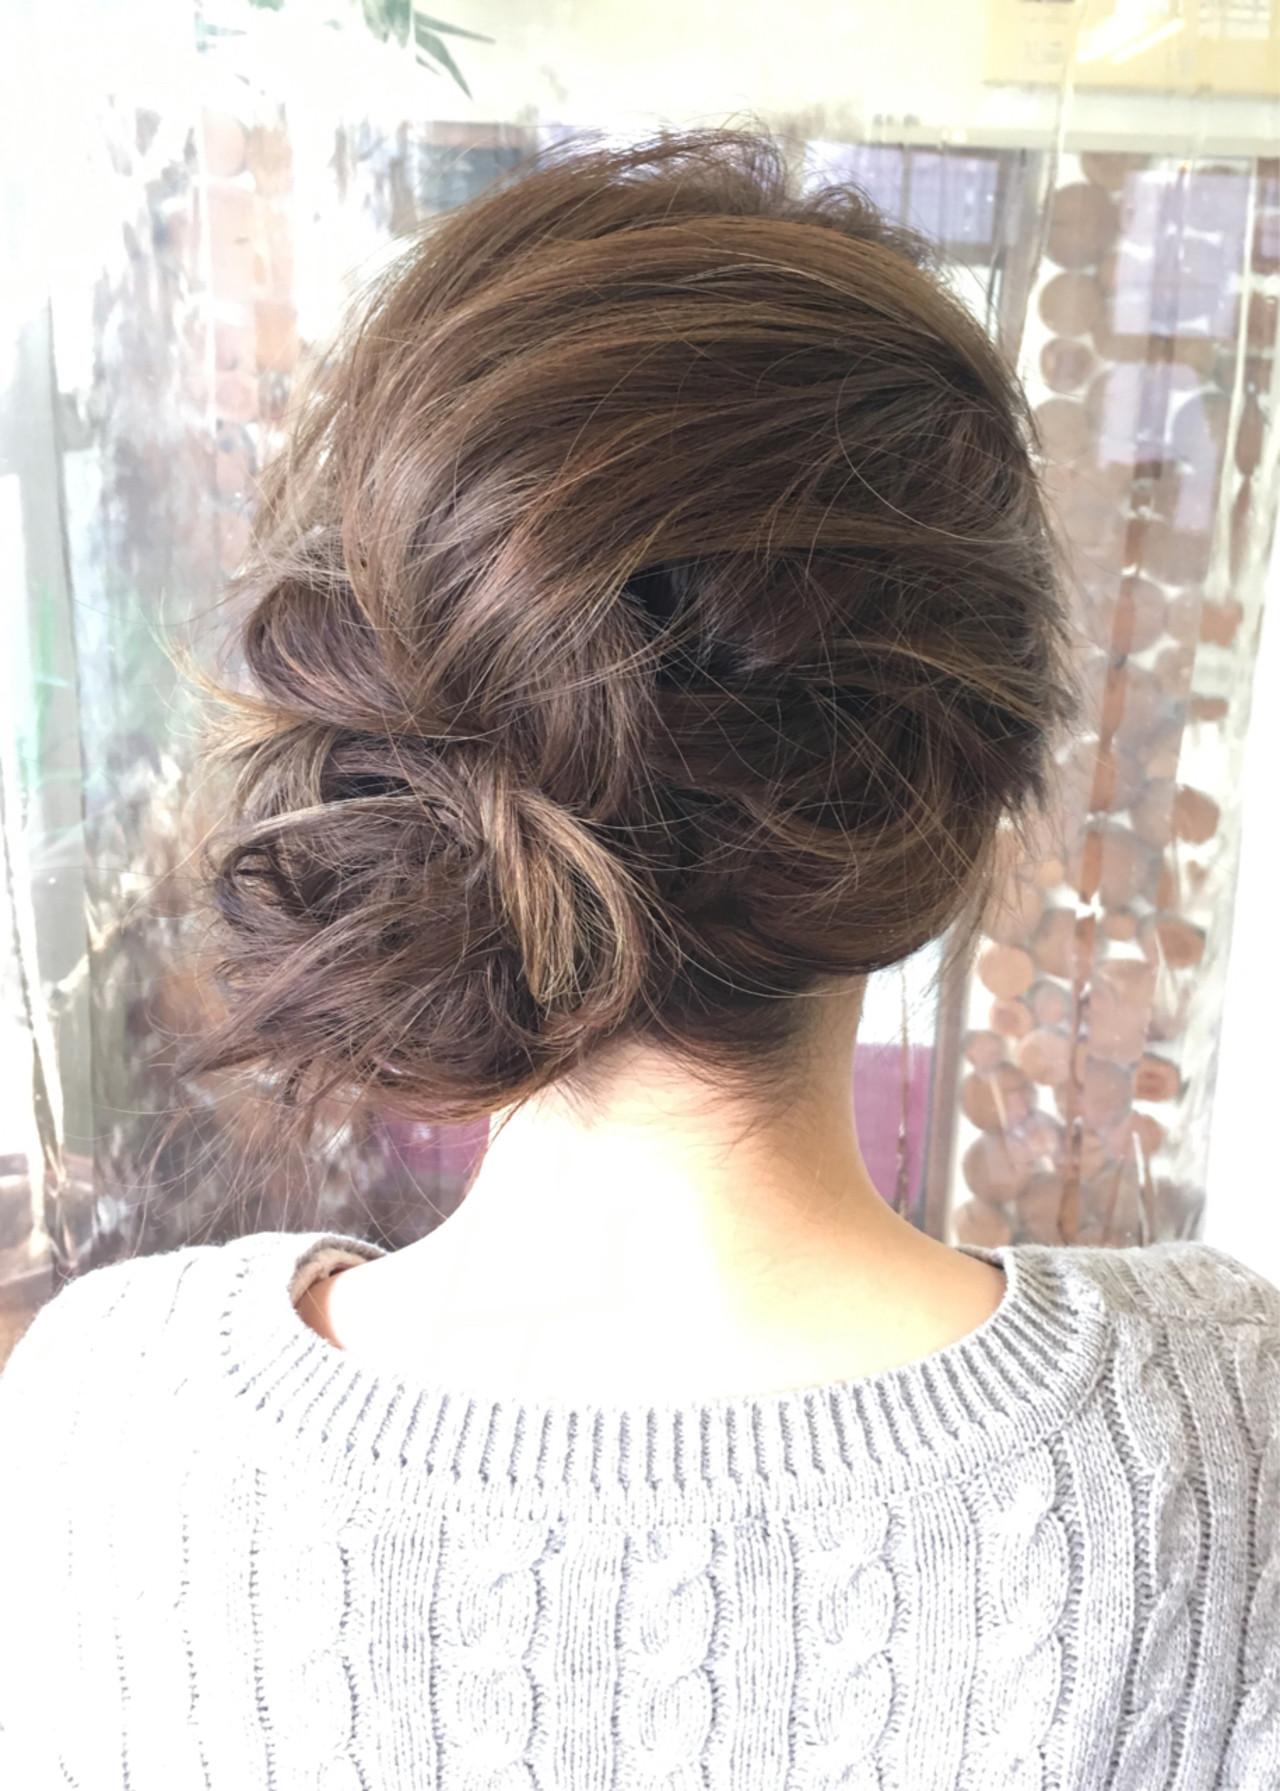 ハイライト メッシーバン ブルージュ 外国人風 ヘアスタイルや髪型の写真・画像